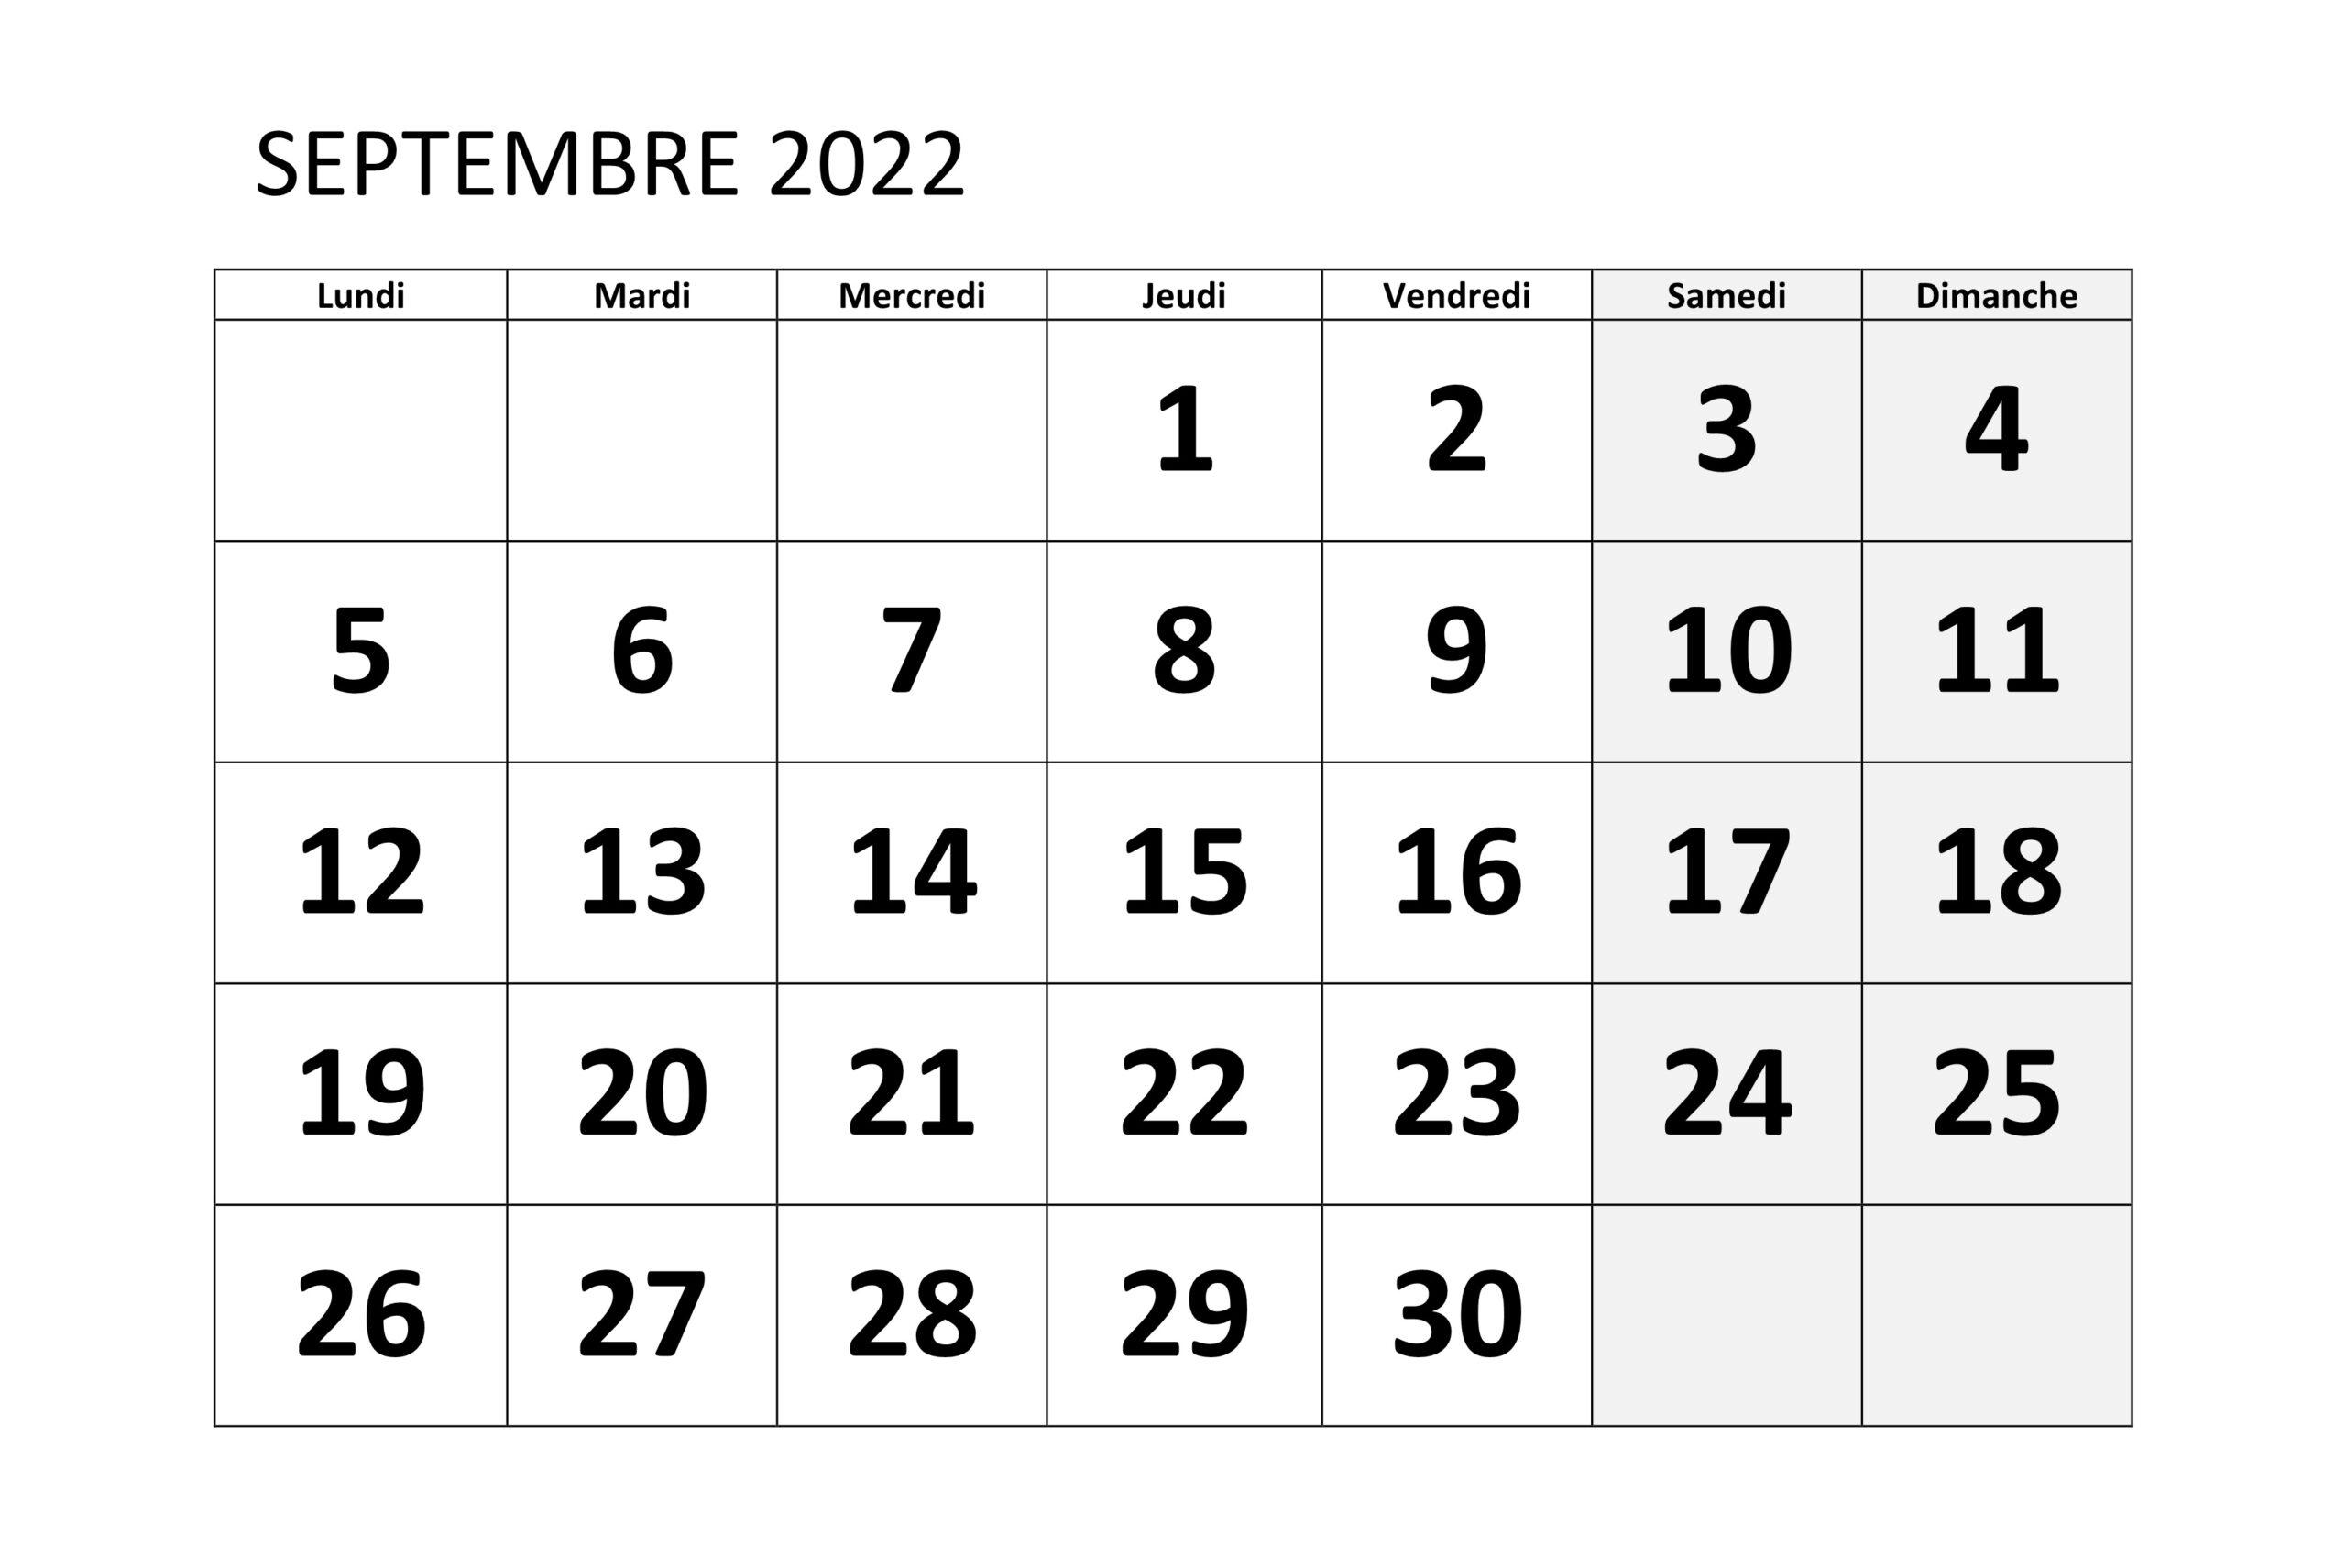 Calendrier Septembre 2022 Mensuel